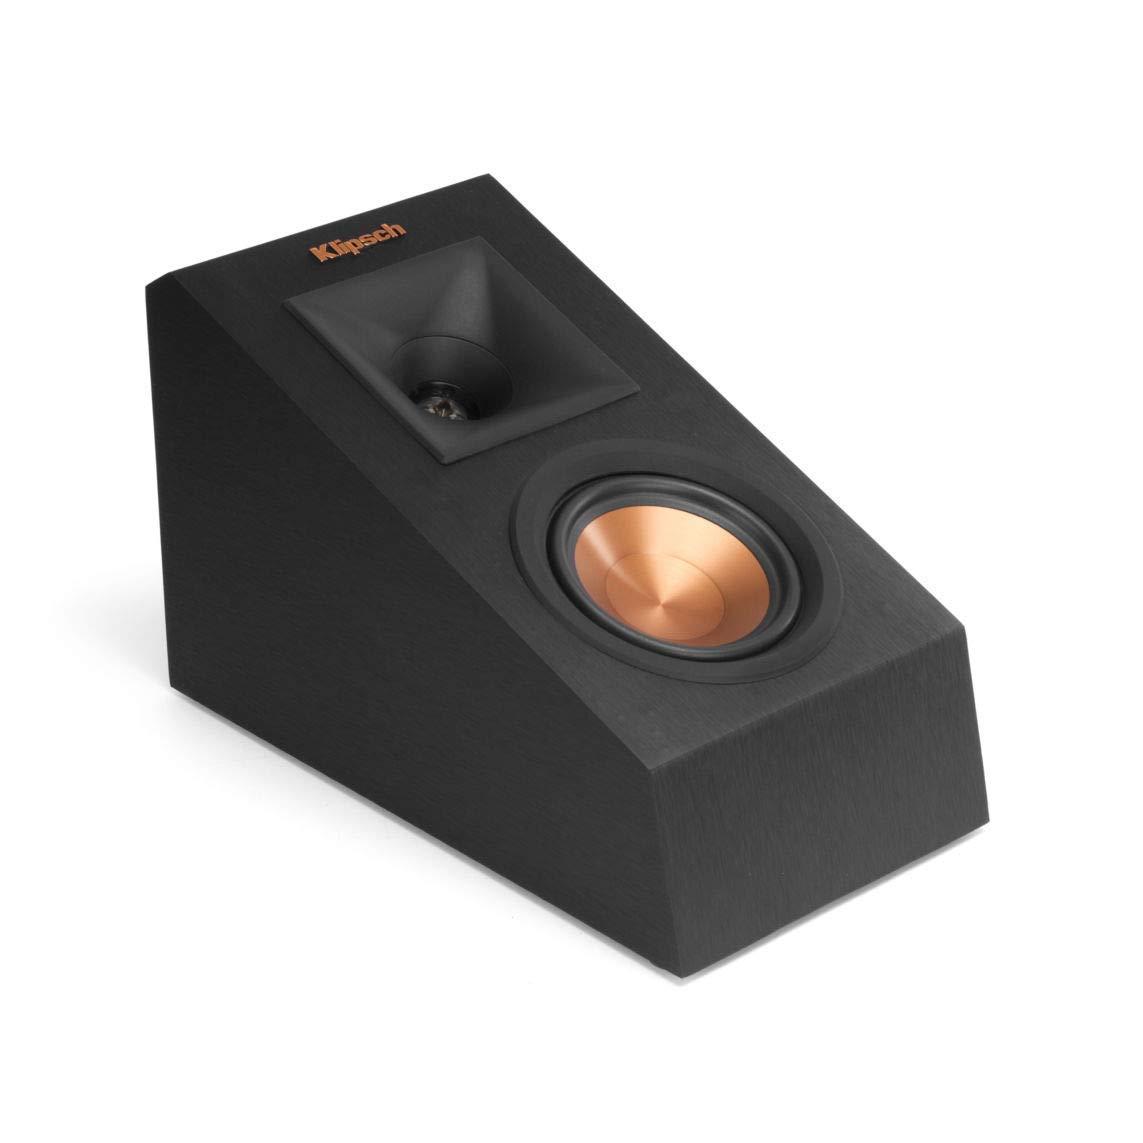 [(クリプシュ) Klipsch] [RP-140SA Dolby Atmos Speaker (Pair)] (並行輸入品) B07KCJRVXB Bookshelf Speaker (Pair) One Size